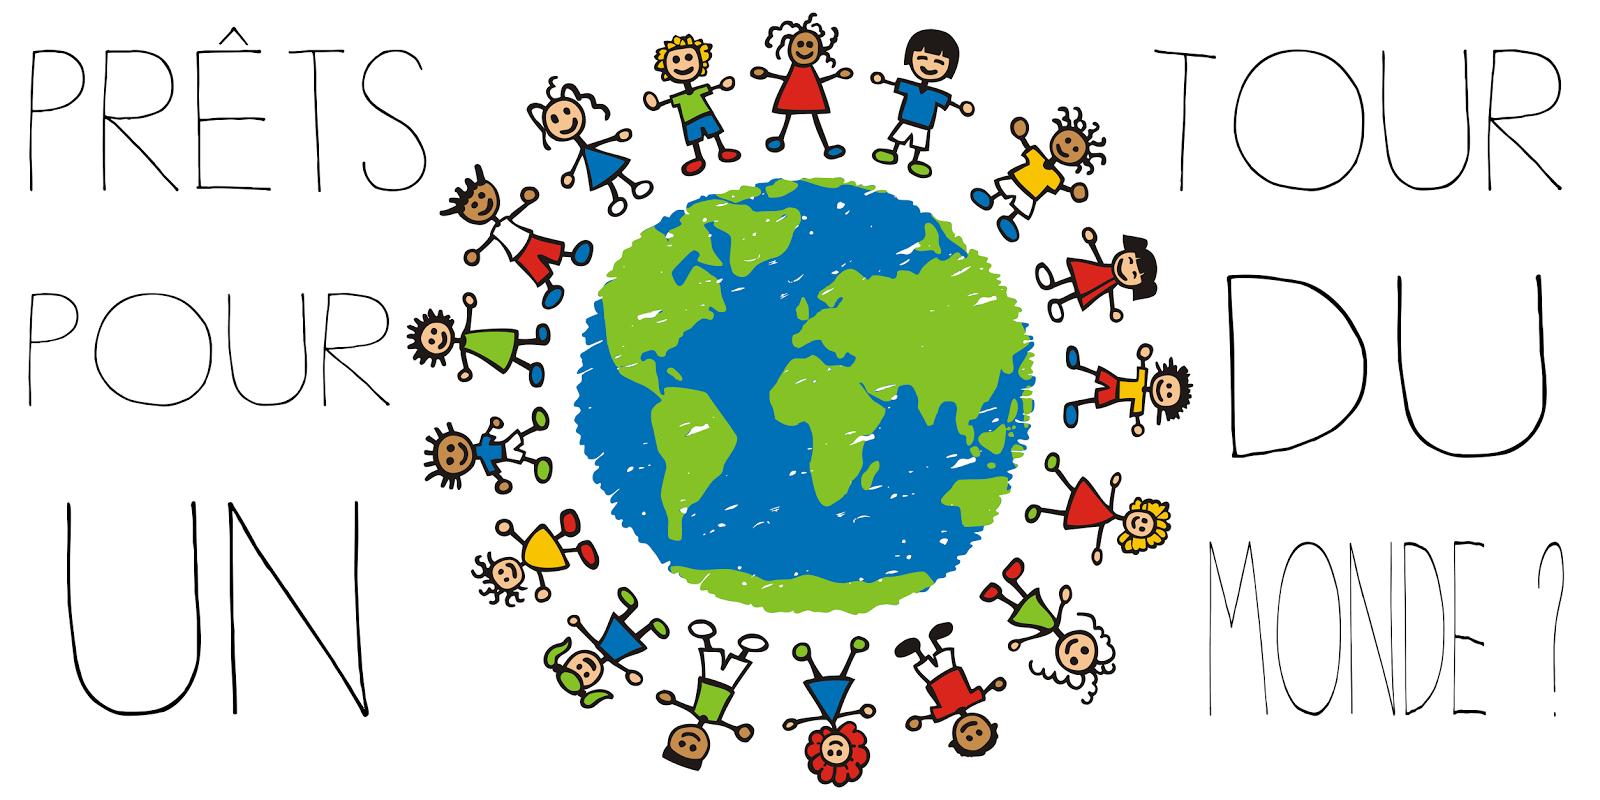 Invitation pour un voyage autour du monde rpi du haut for Decoration voyage autour du monde